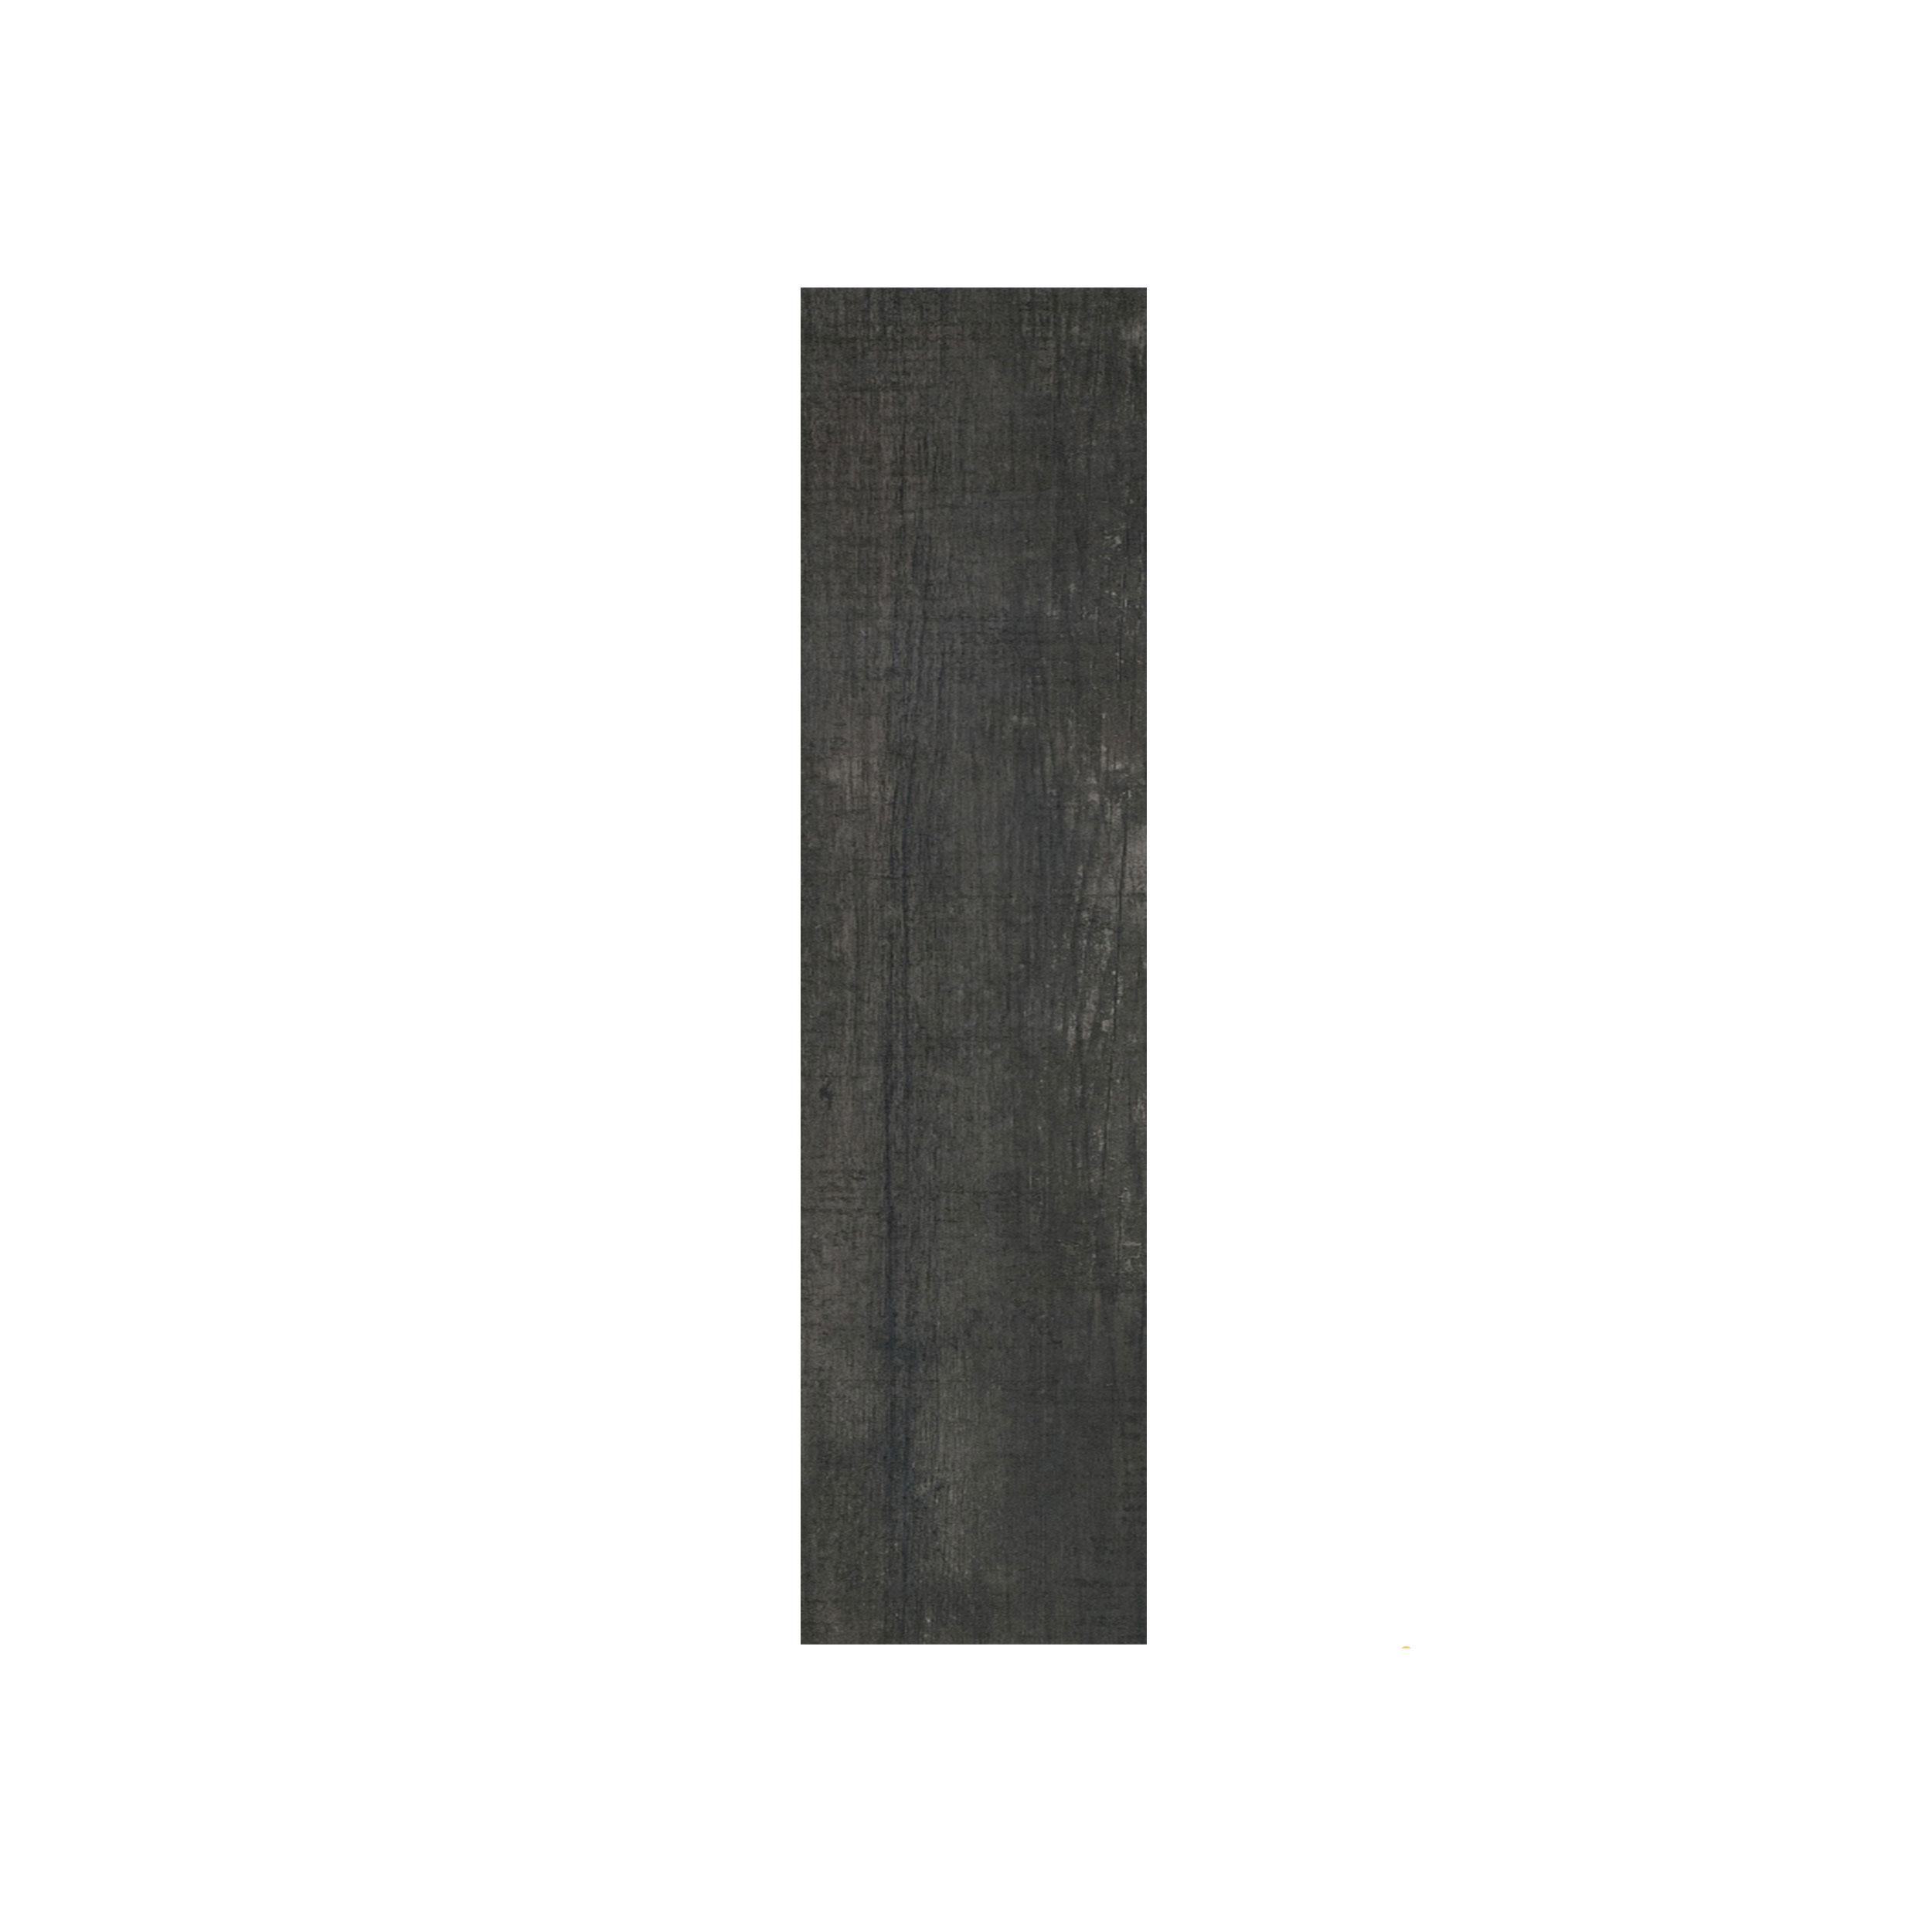 COTTO กระเบื้องปูพื้นและผนัง (คอตโต้) 6x36 นิ้ว (15x90ซม.) GT737576